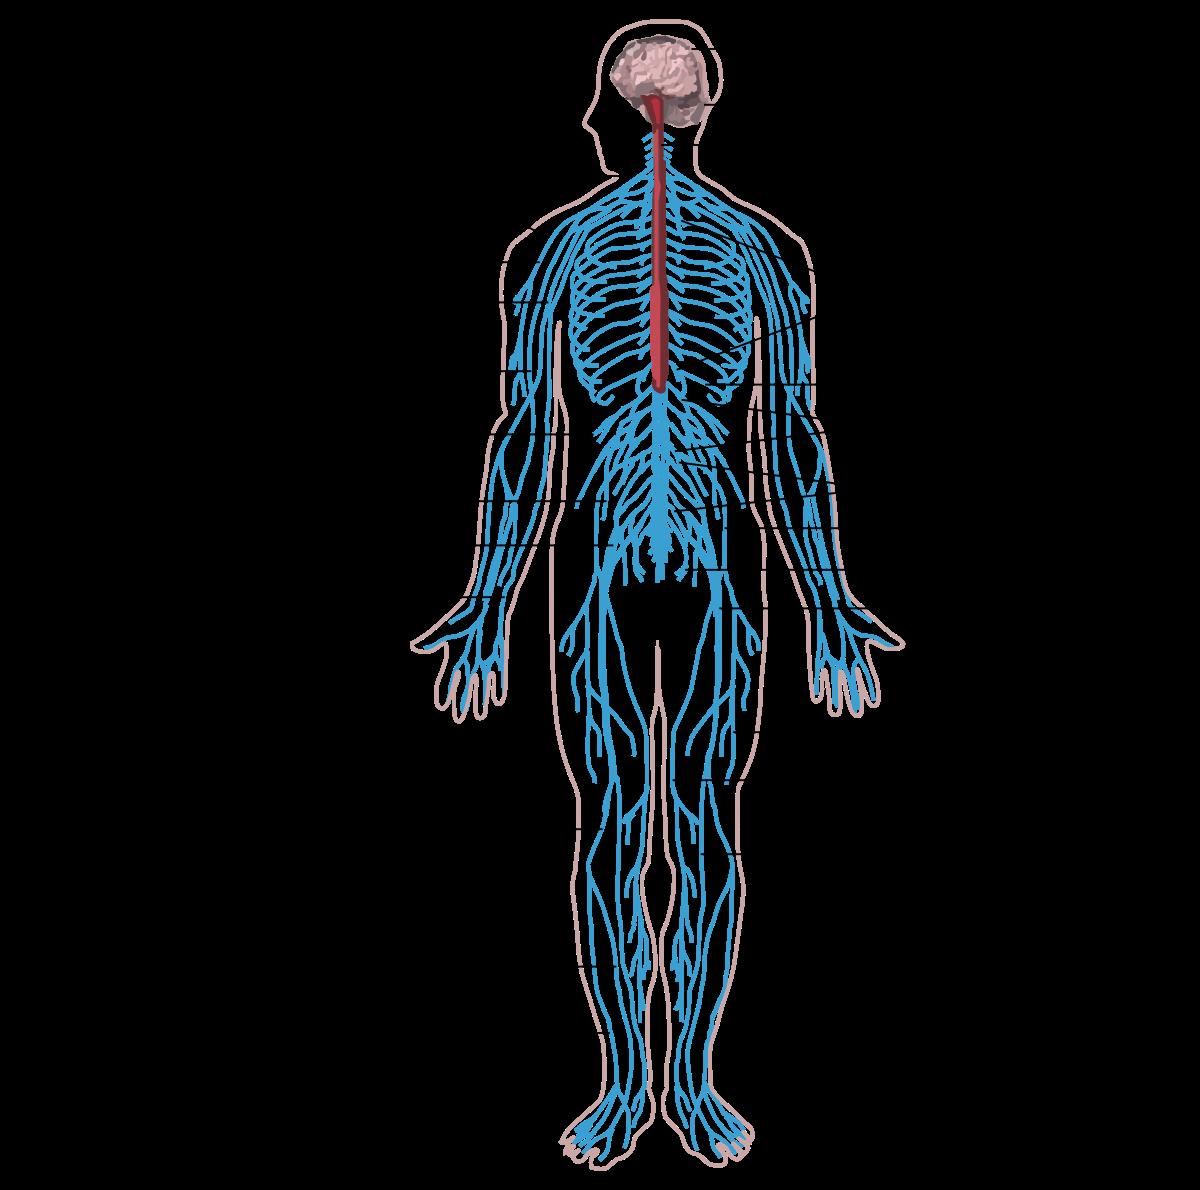 férgeket mutatnak az emberi testben